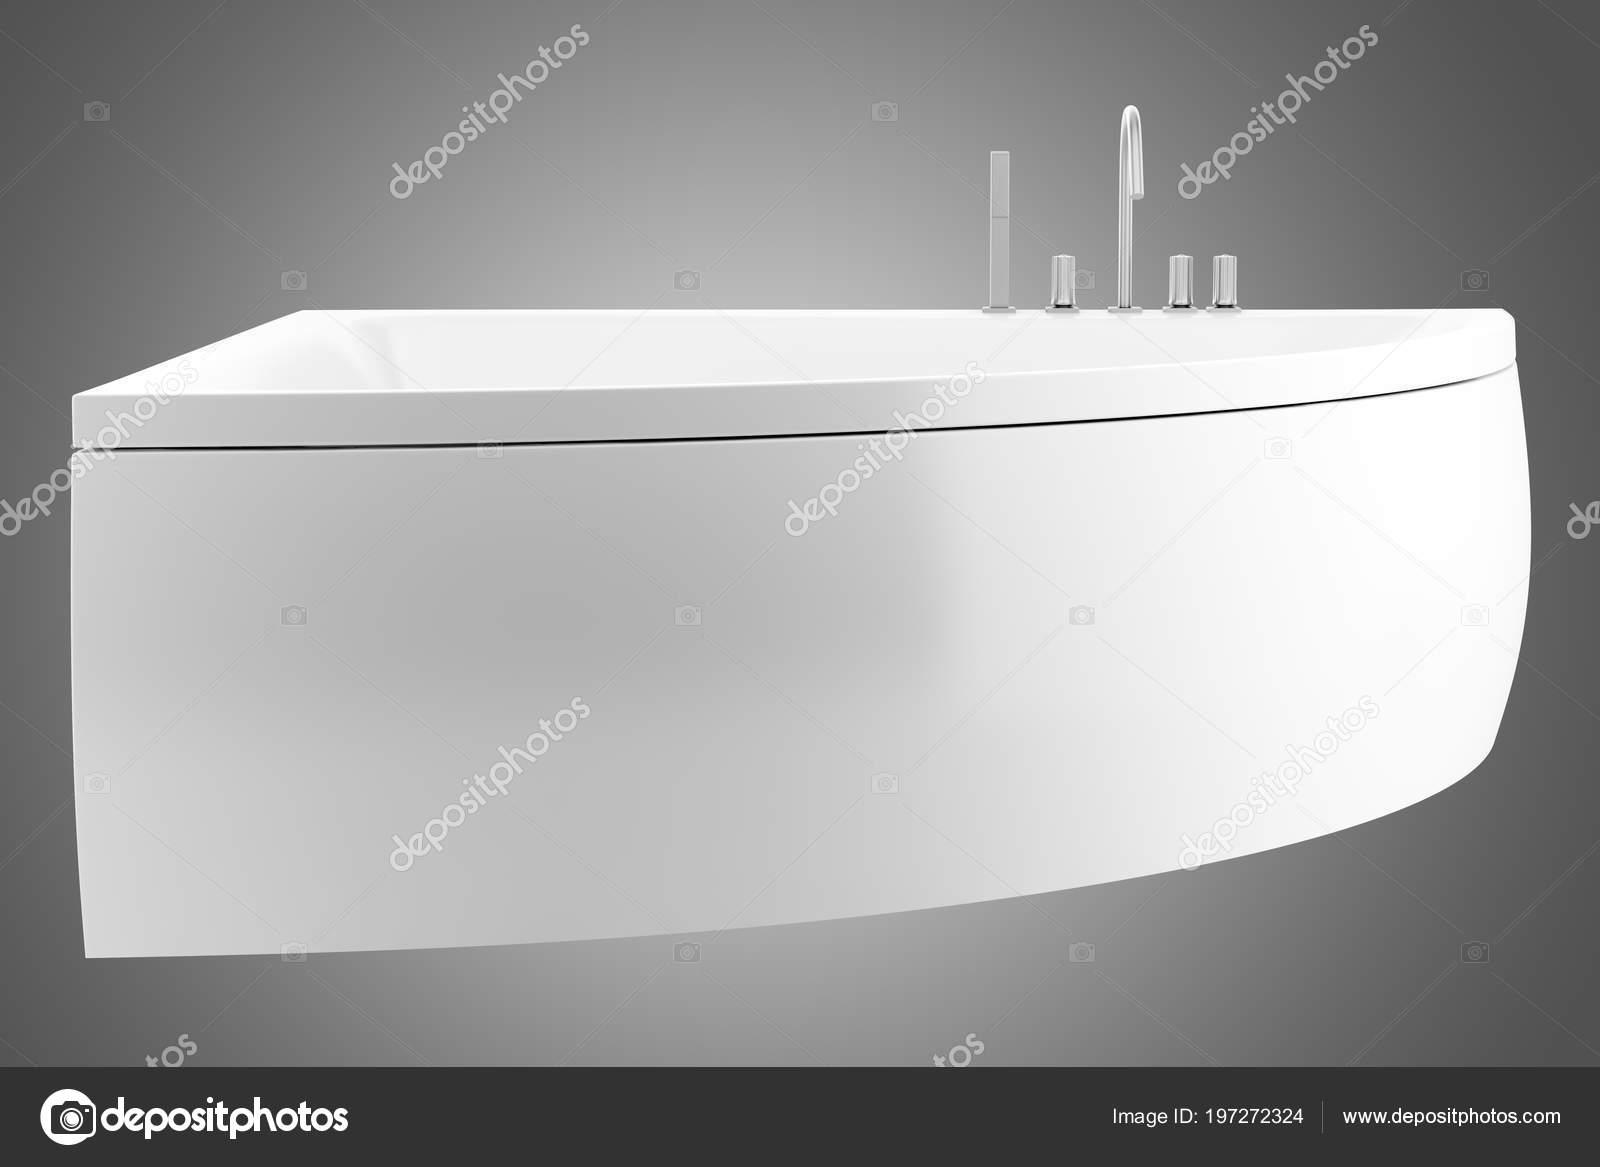 Vasca Da Bagno Angolare Moderna : Vasca bagno angolare moderno isolato sfondo grigio illustrazione